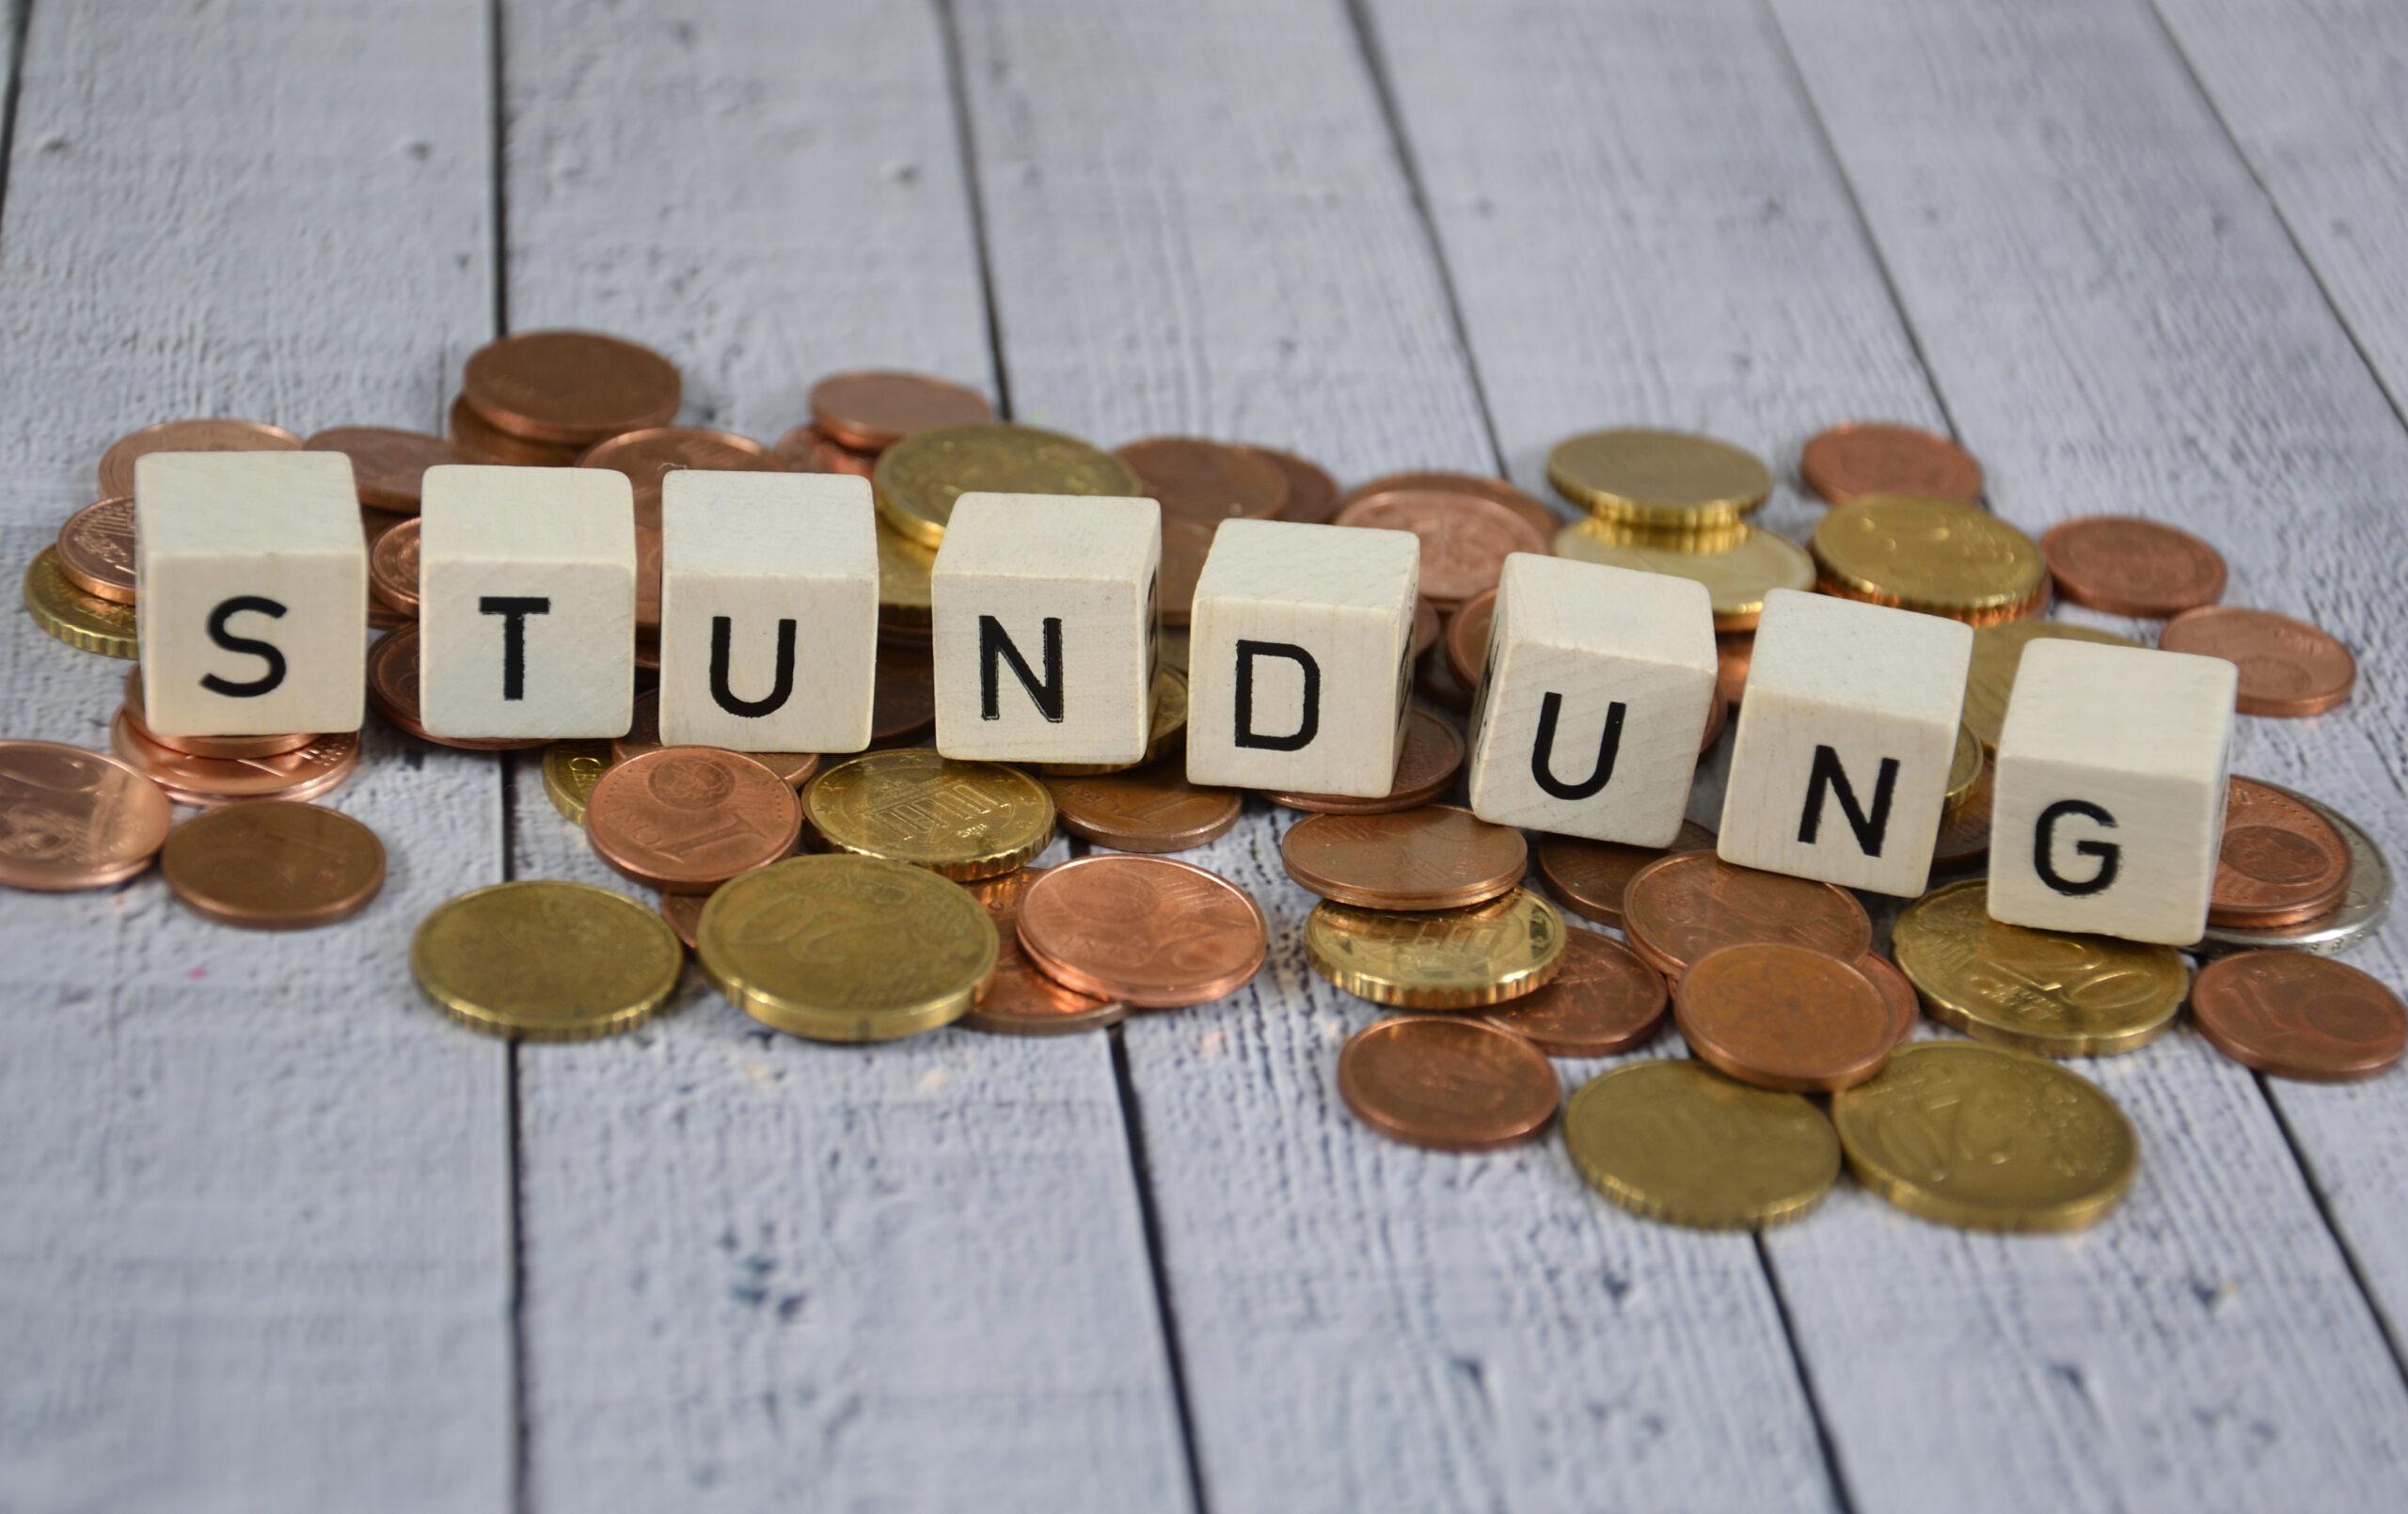 Corona Blog: Österreichische Gesundheitskasse und Finanzamt verlängern Stundungen - 4.3.2021